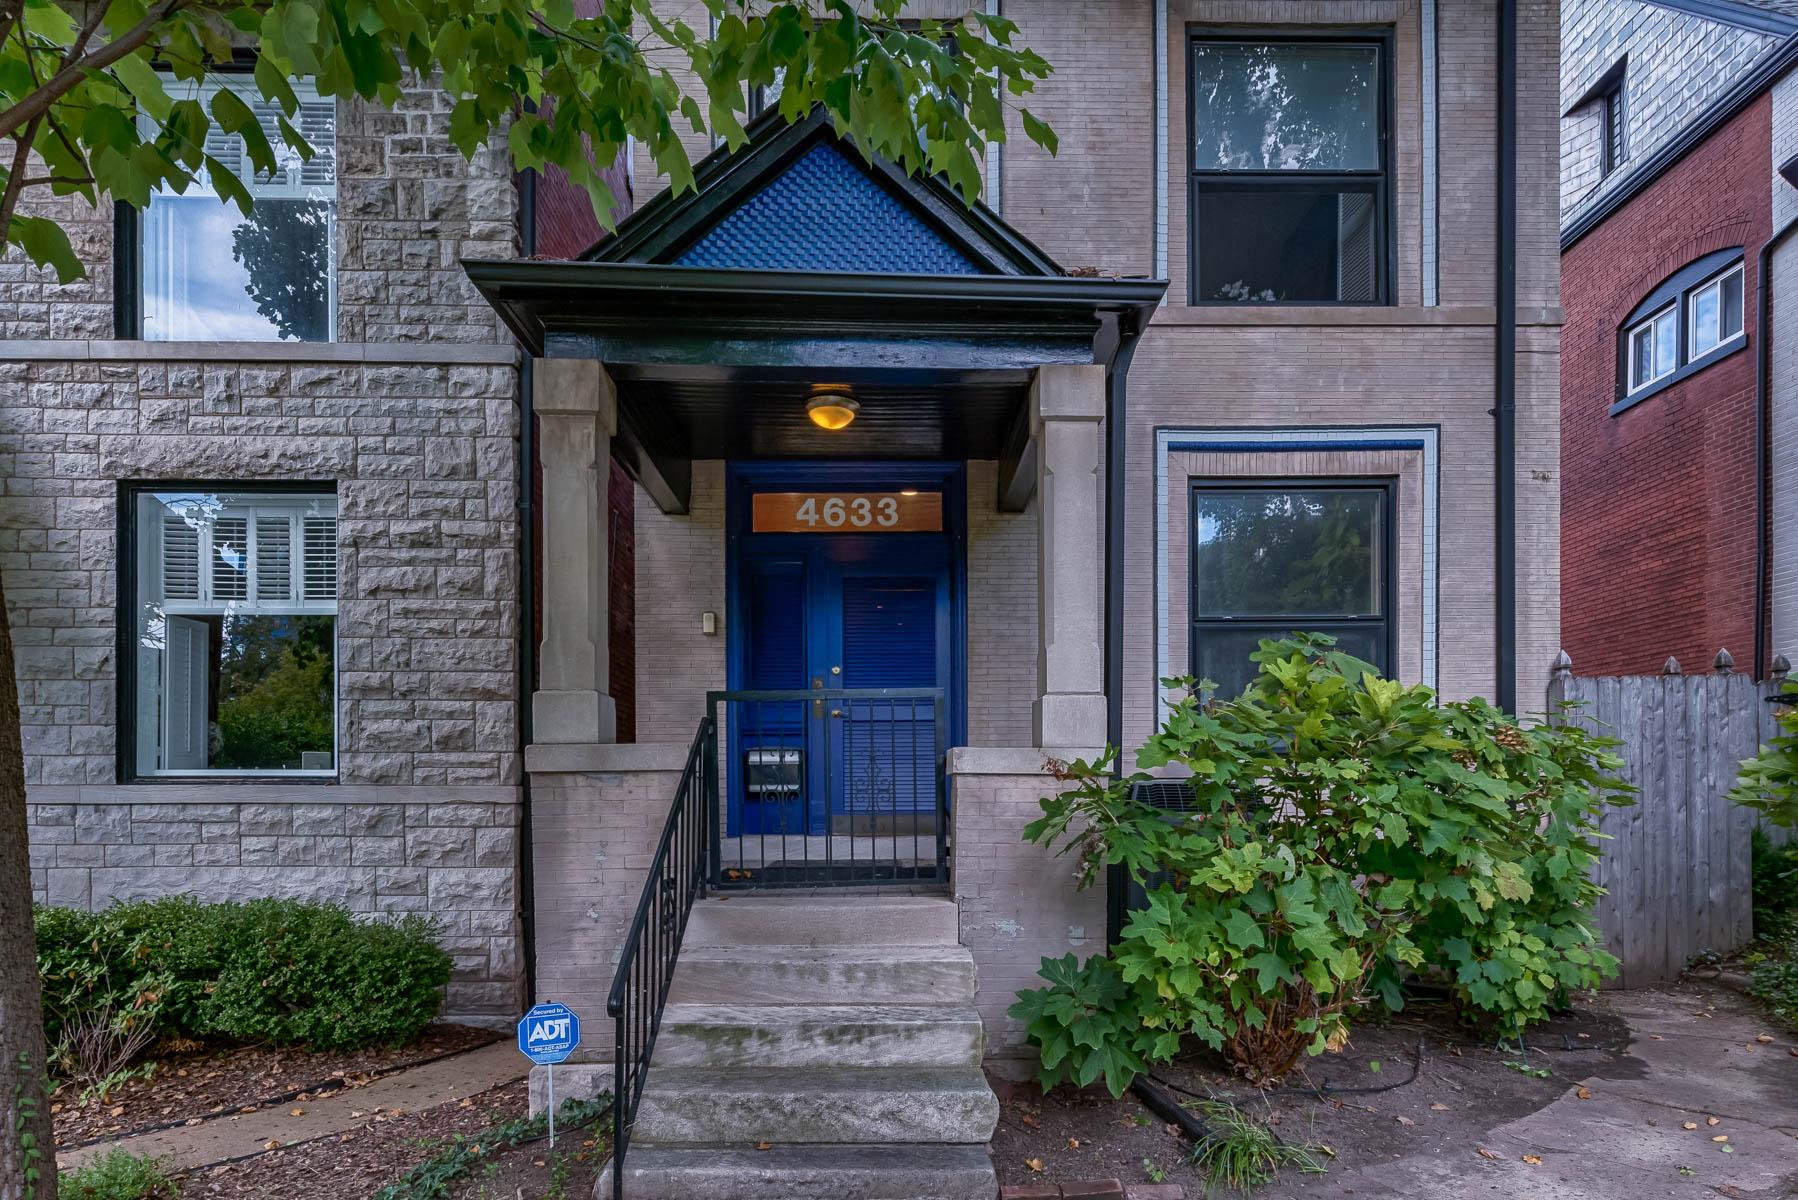 Einfamilienhaus für Verkauf beim Maryland Ave 4633 Maryland Ave St. Louis, Missouri, 63108 Vereinigte Staaten